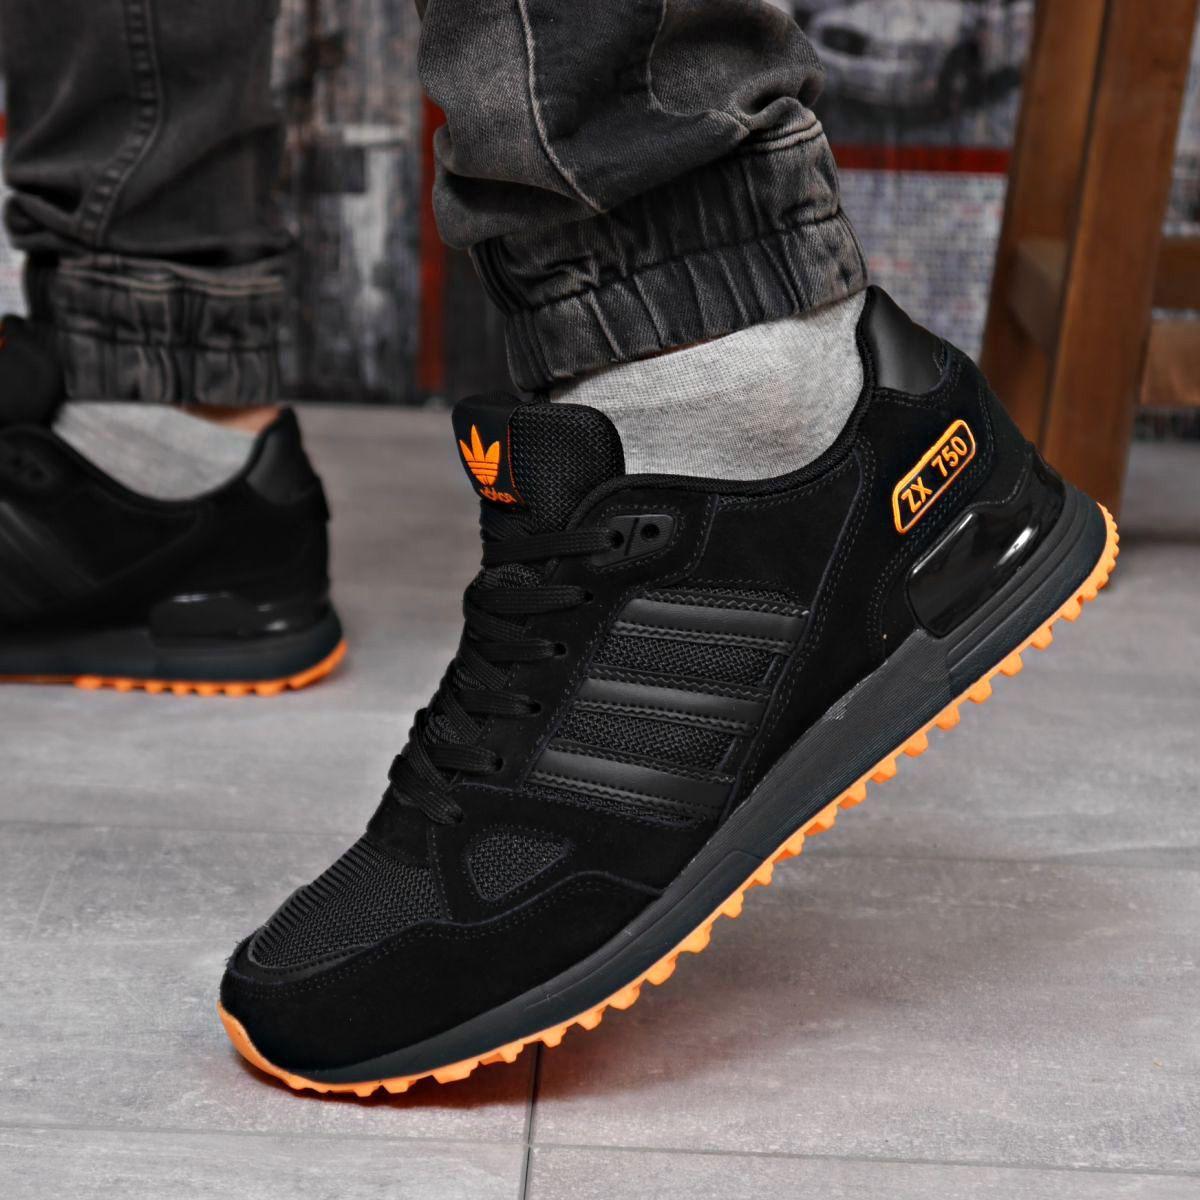 Кросівки чоловічі 18163, Adidas ZX 750, чорні, [ 41 43 44 45 46 ] р. 41-26,5 див.